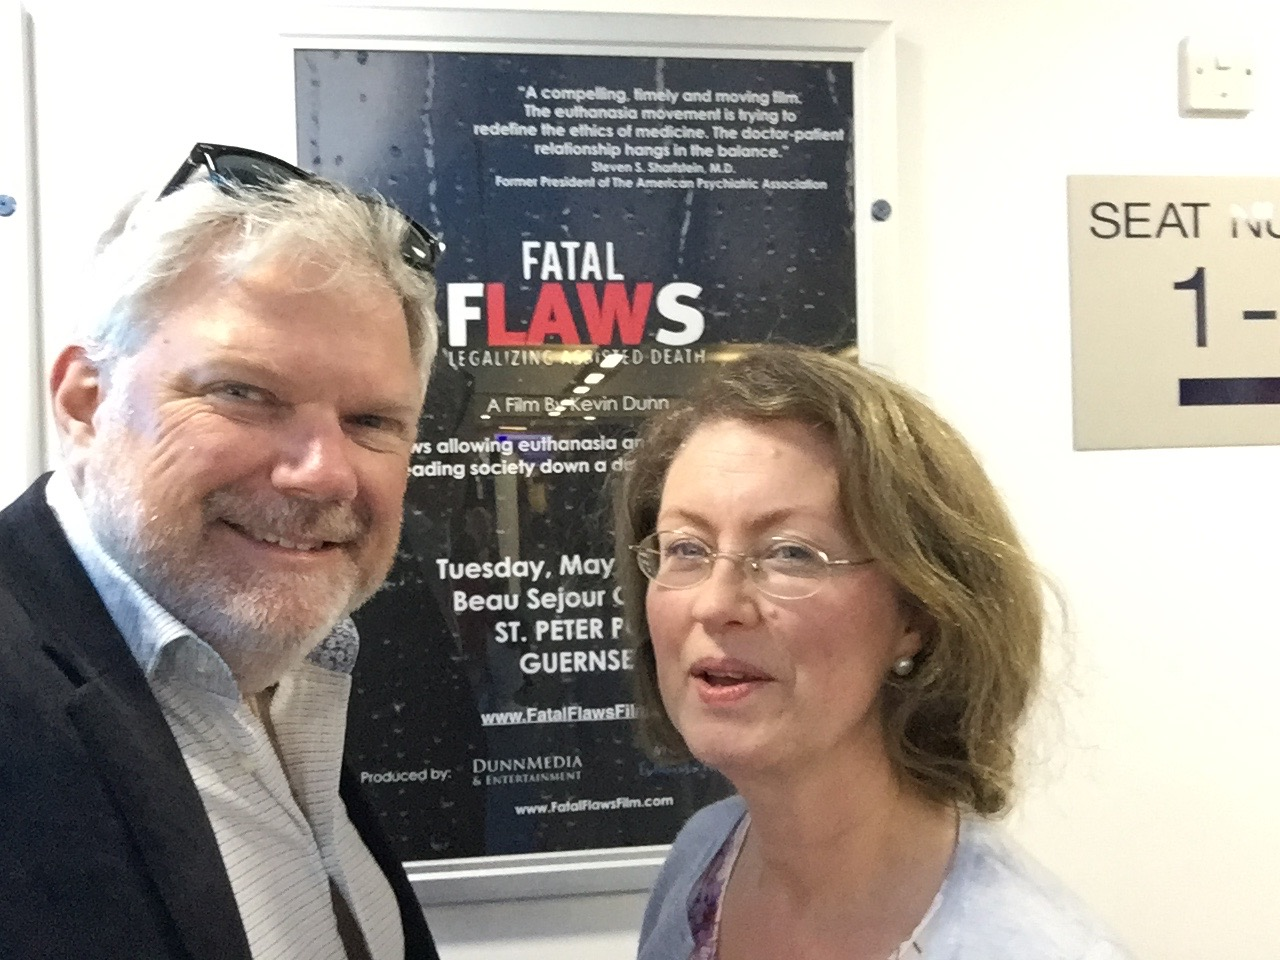 fatalflaws article.jpg